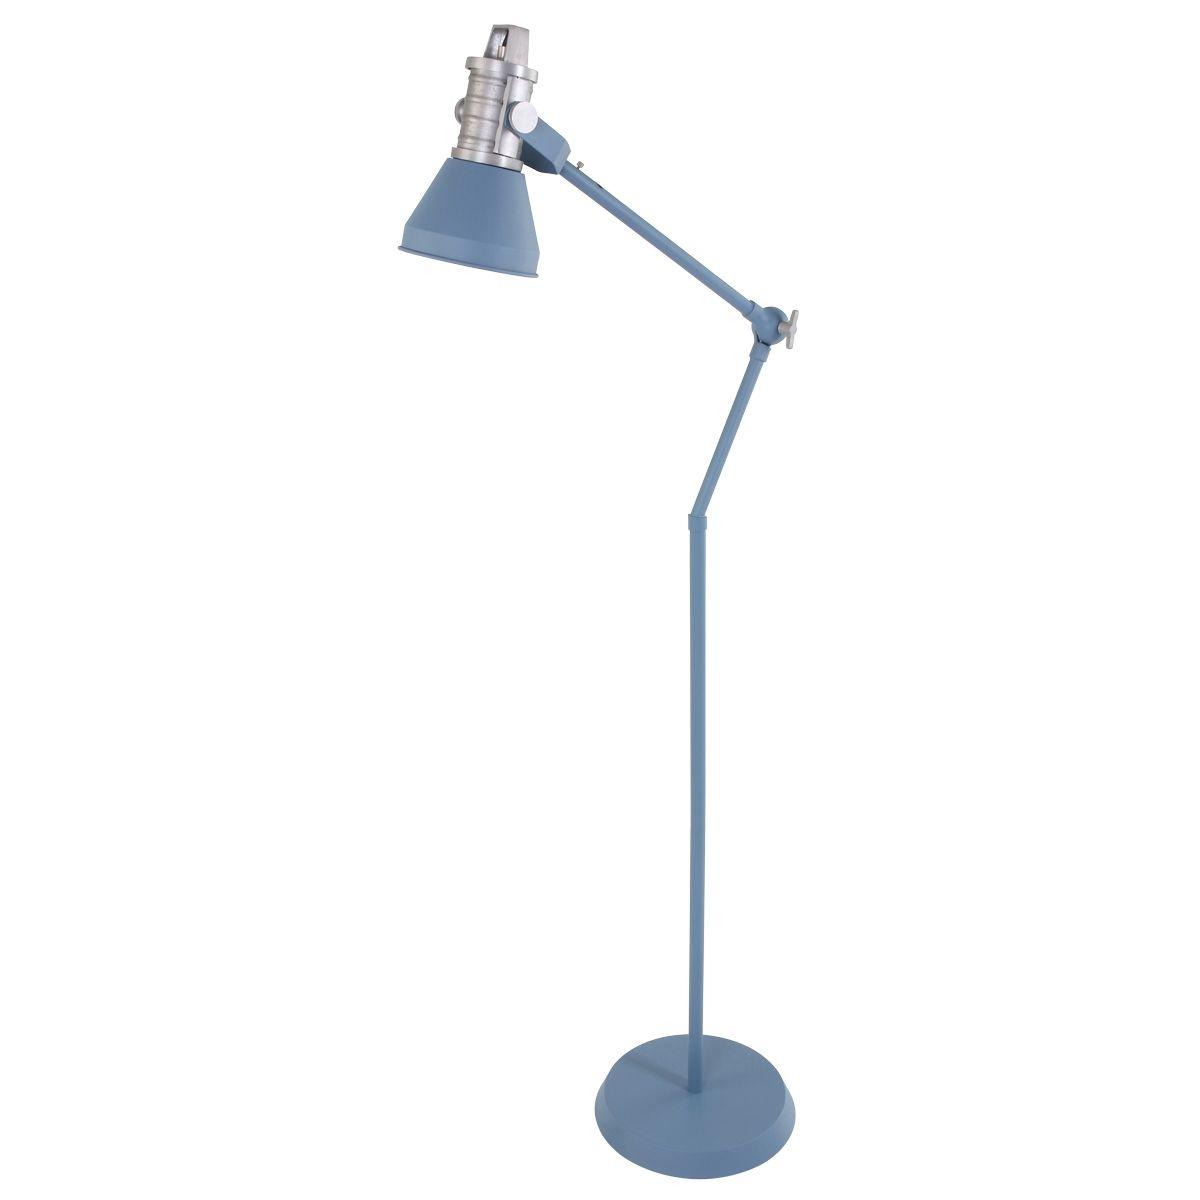 Brusk vloerlamp Anne Lighting blauw